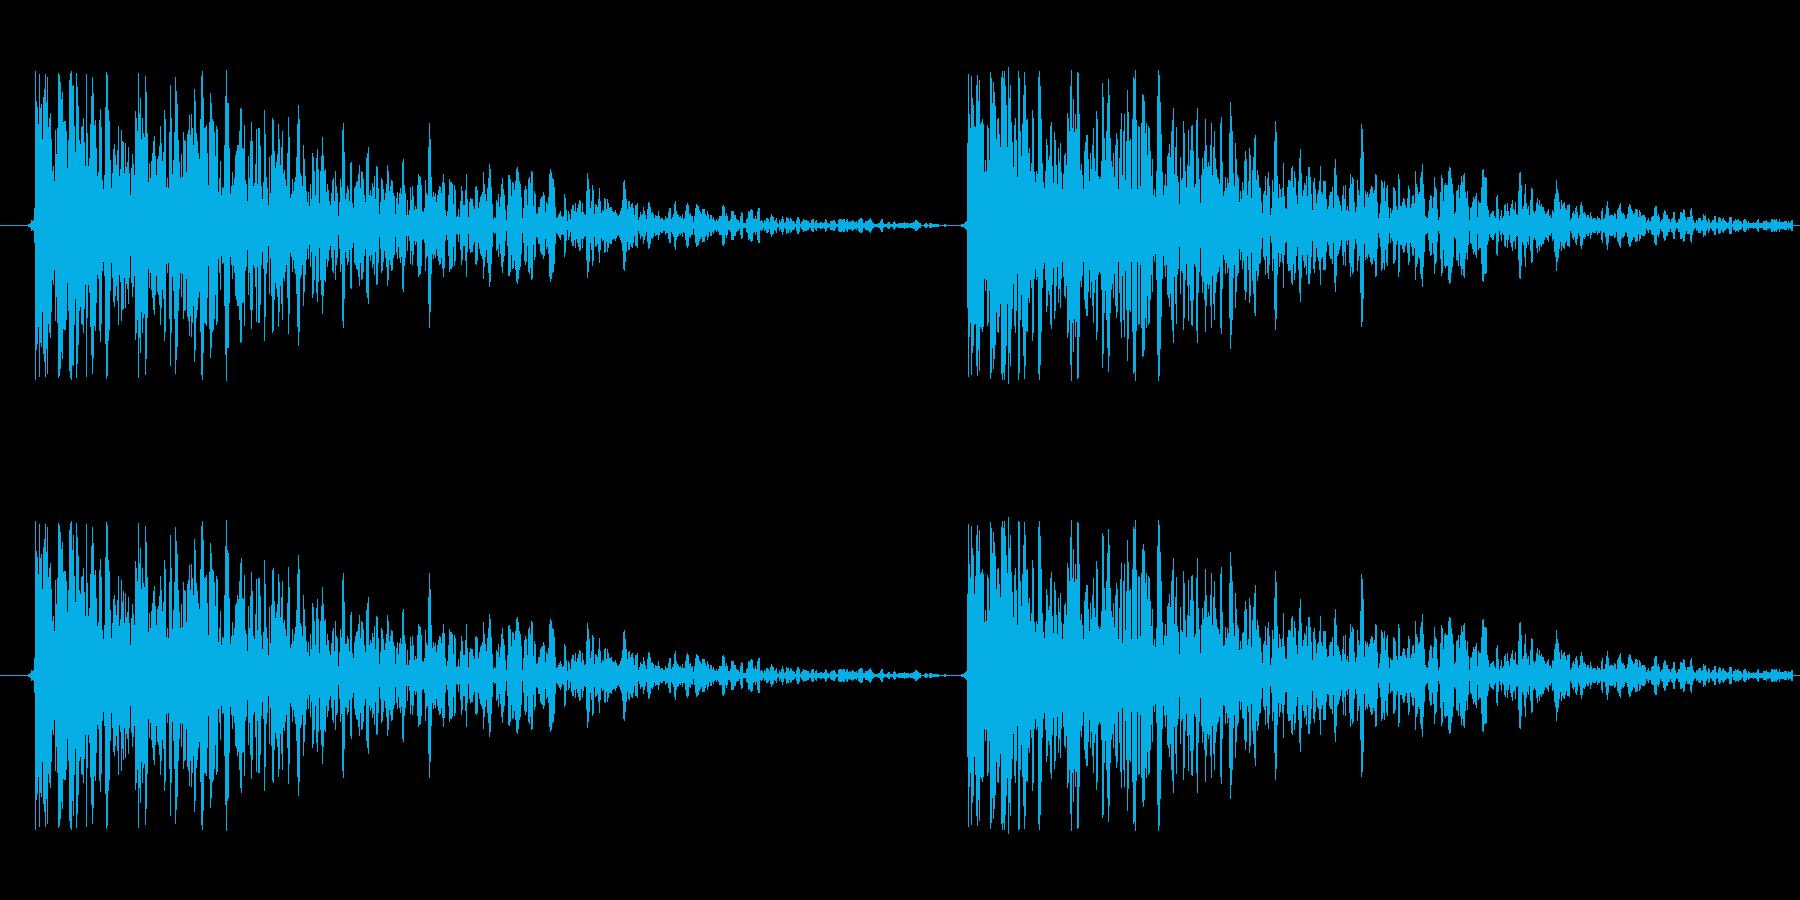 【ドア/叩く音/どんどん/効果音】の再生済みの波形